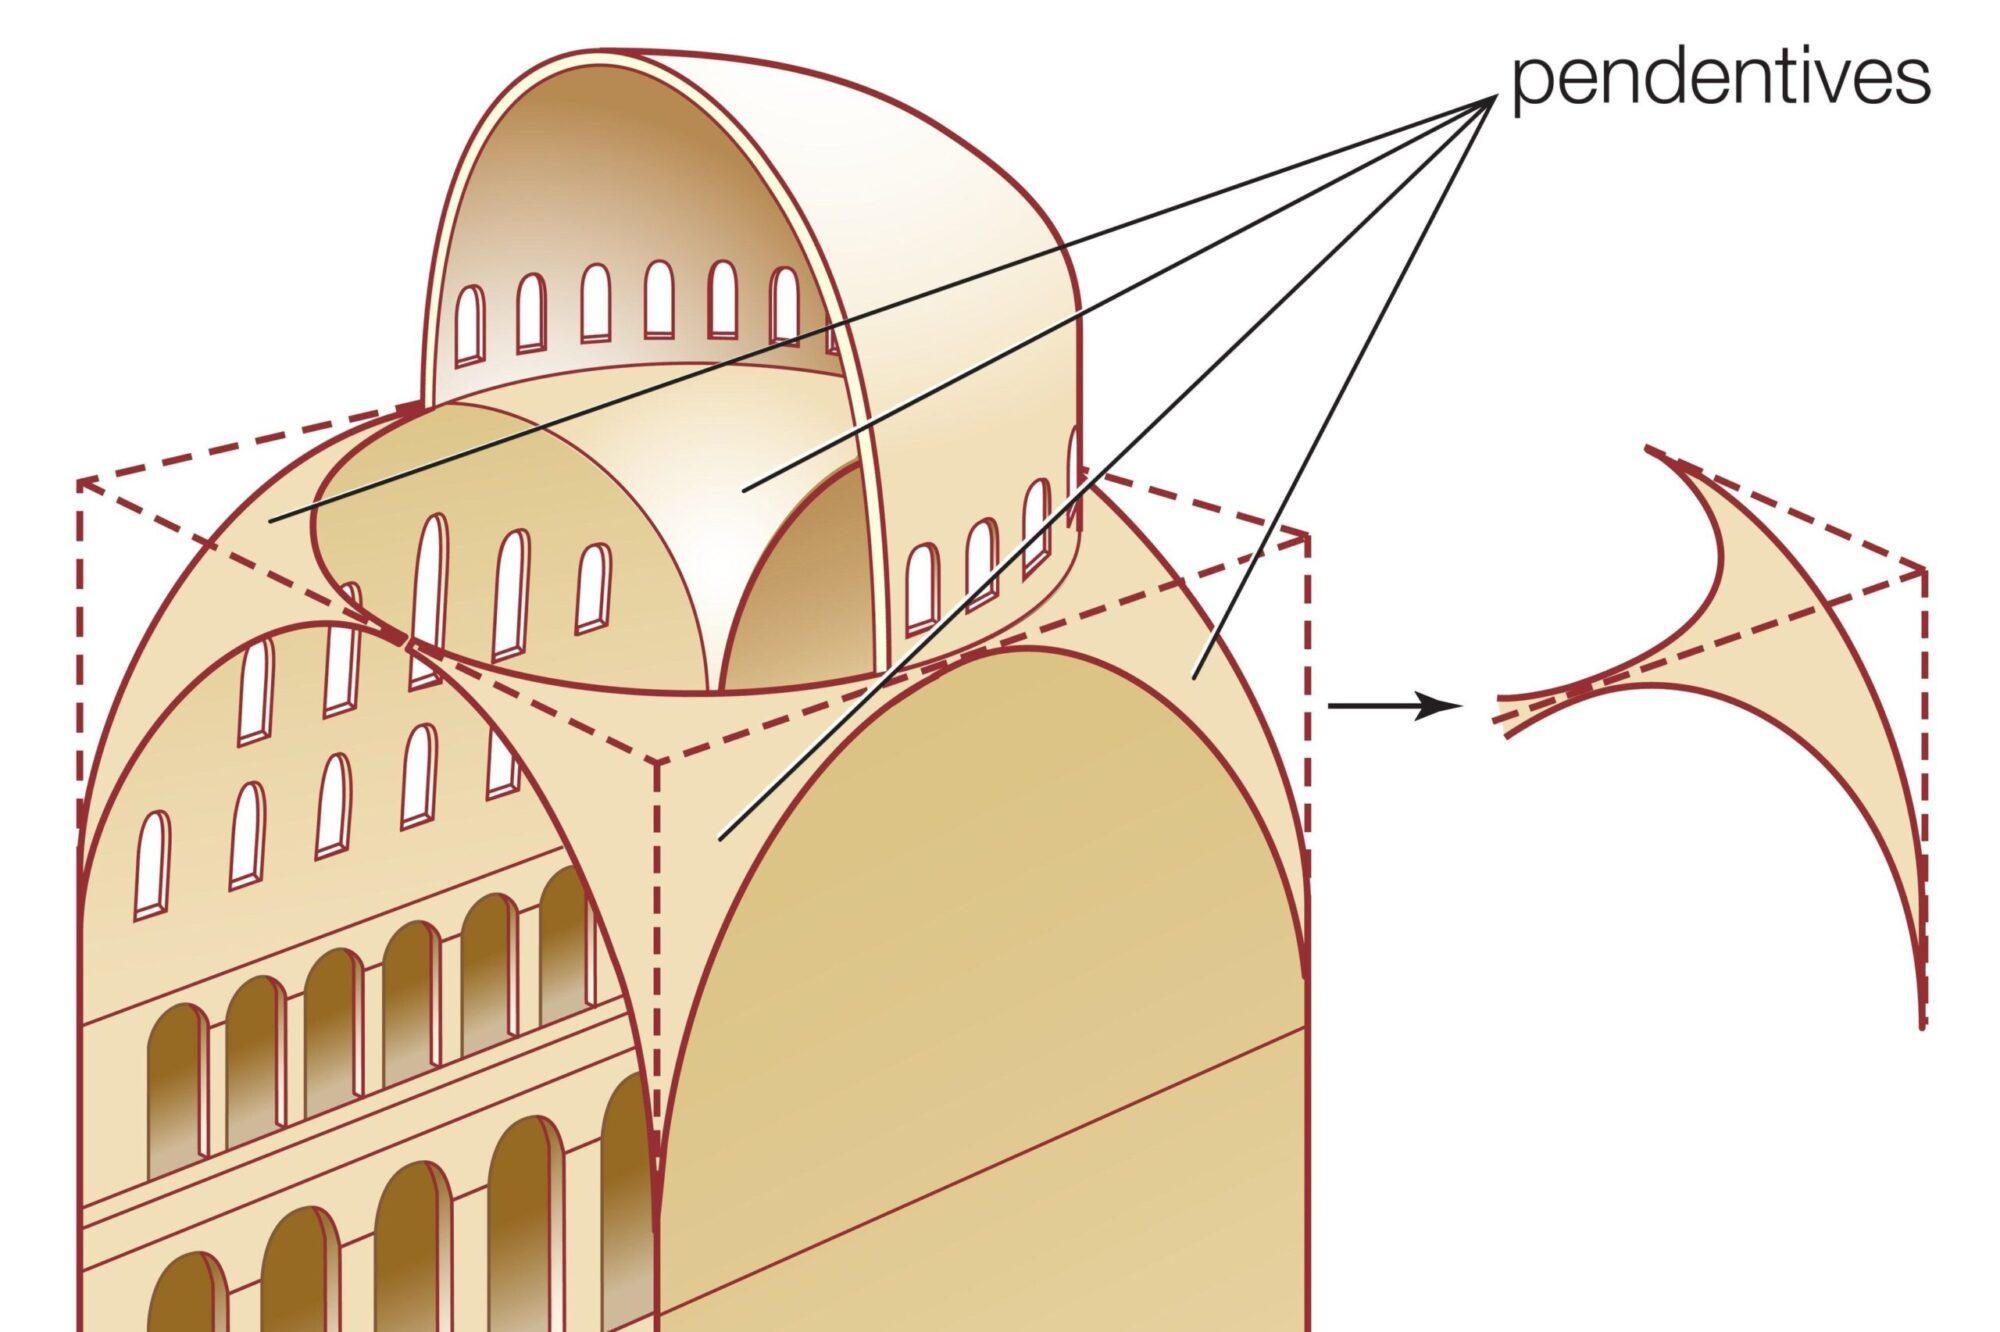 ペンデンティブドーム